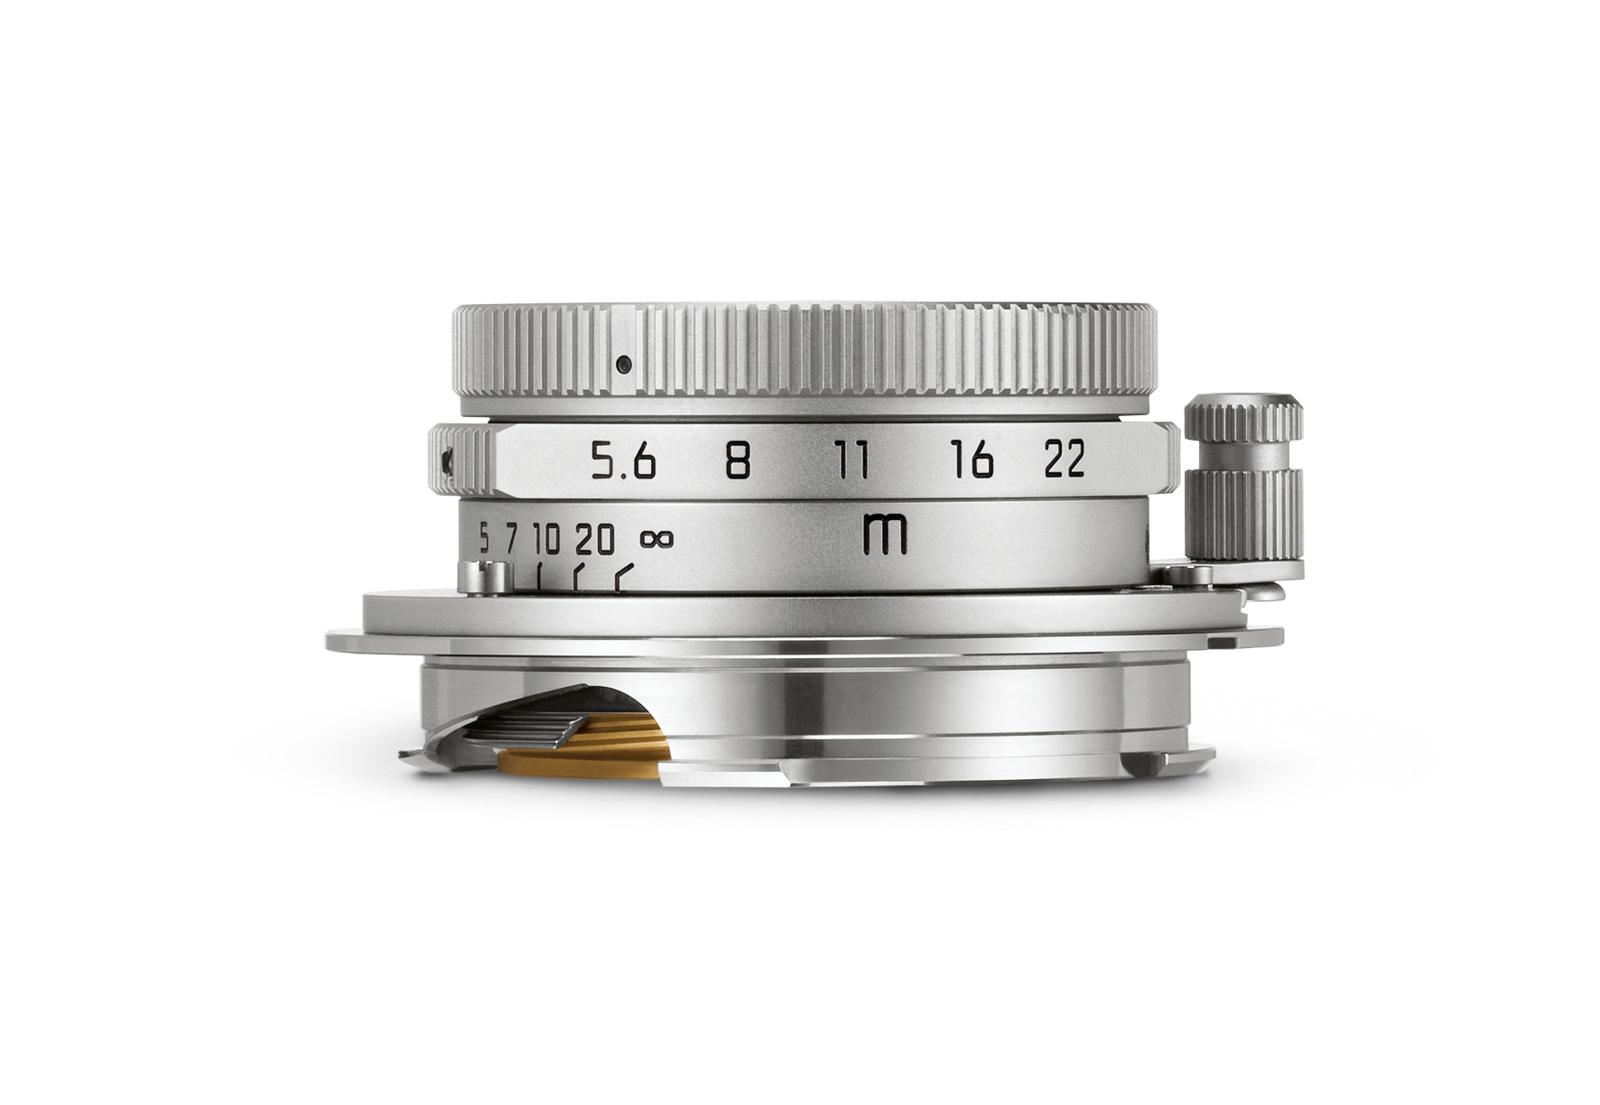 Leica Summaron-M 1:5.6/28